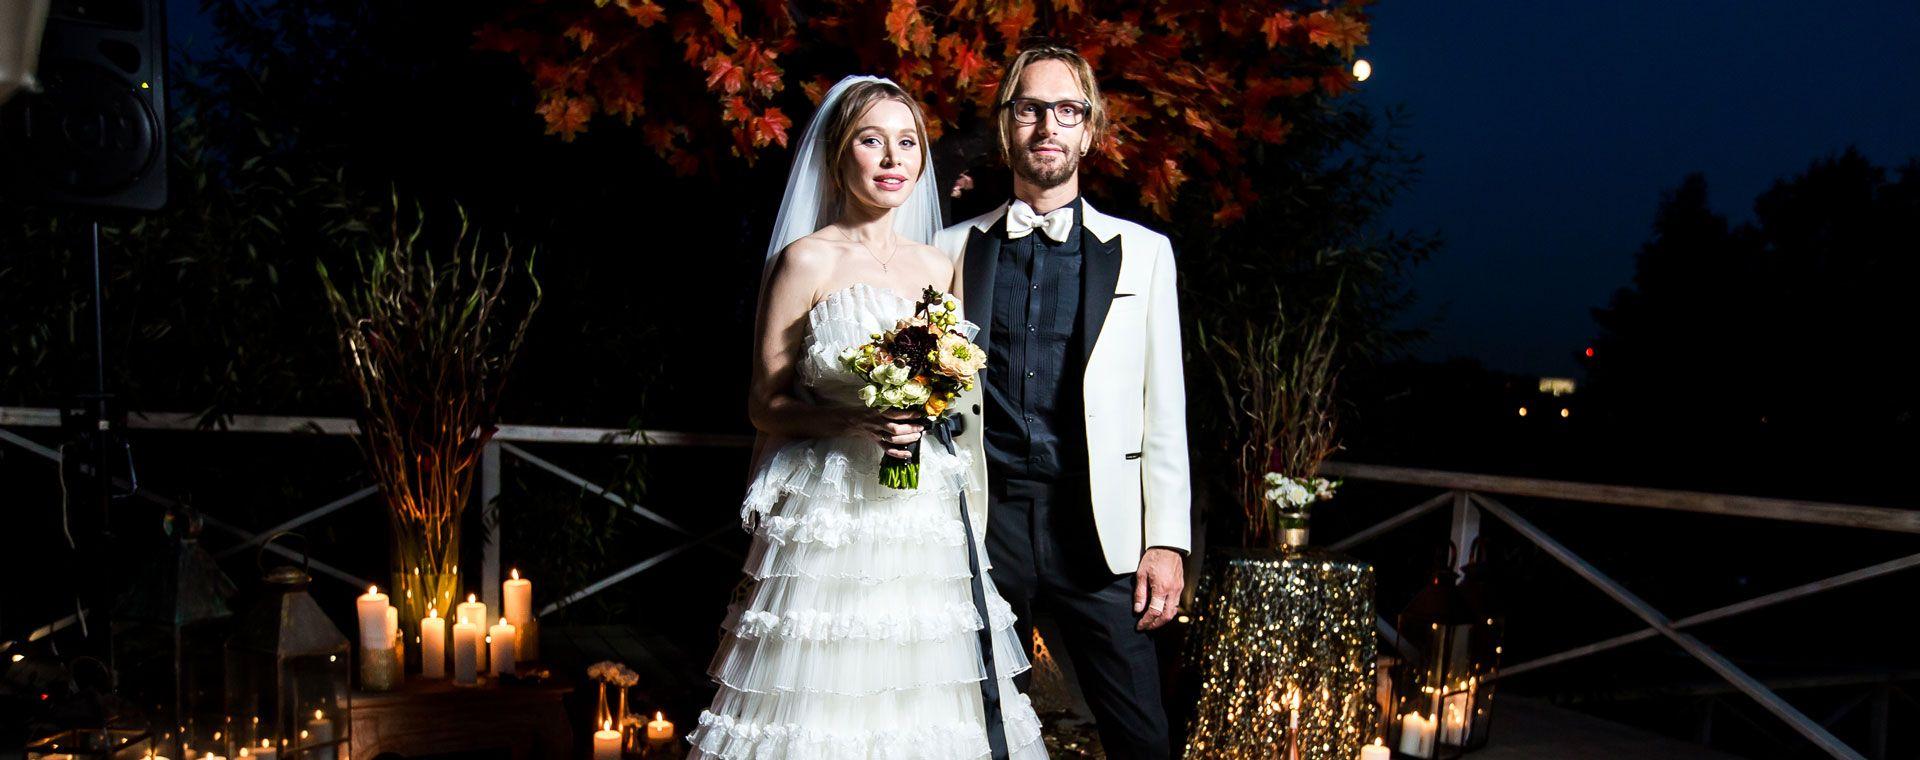 Детали на свадьбе как важны